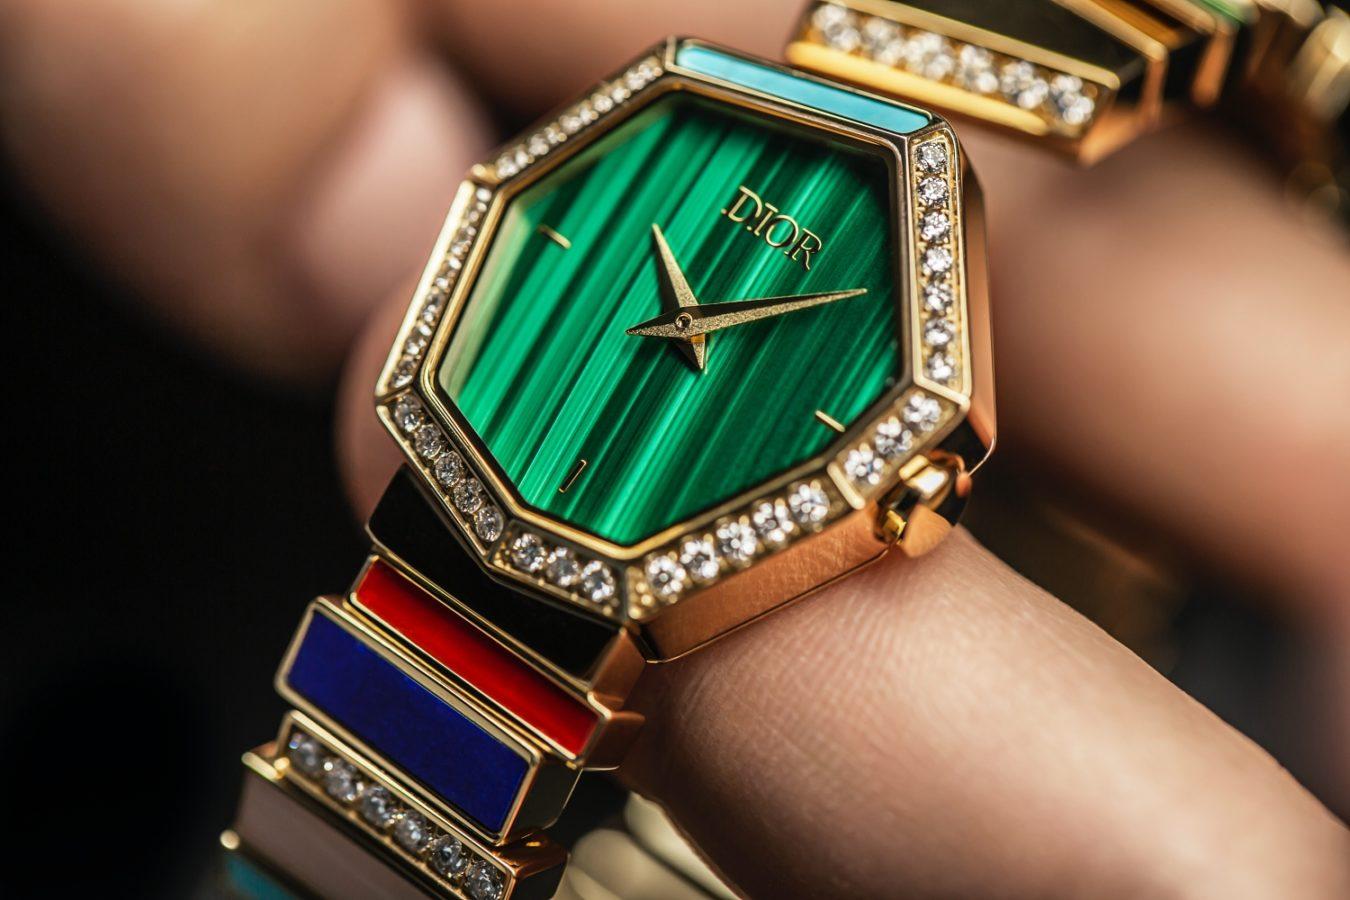 Victoire de Castellane on the Gem Dior Collection